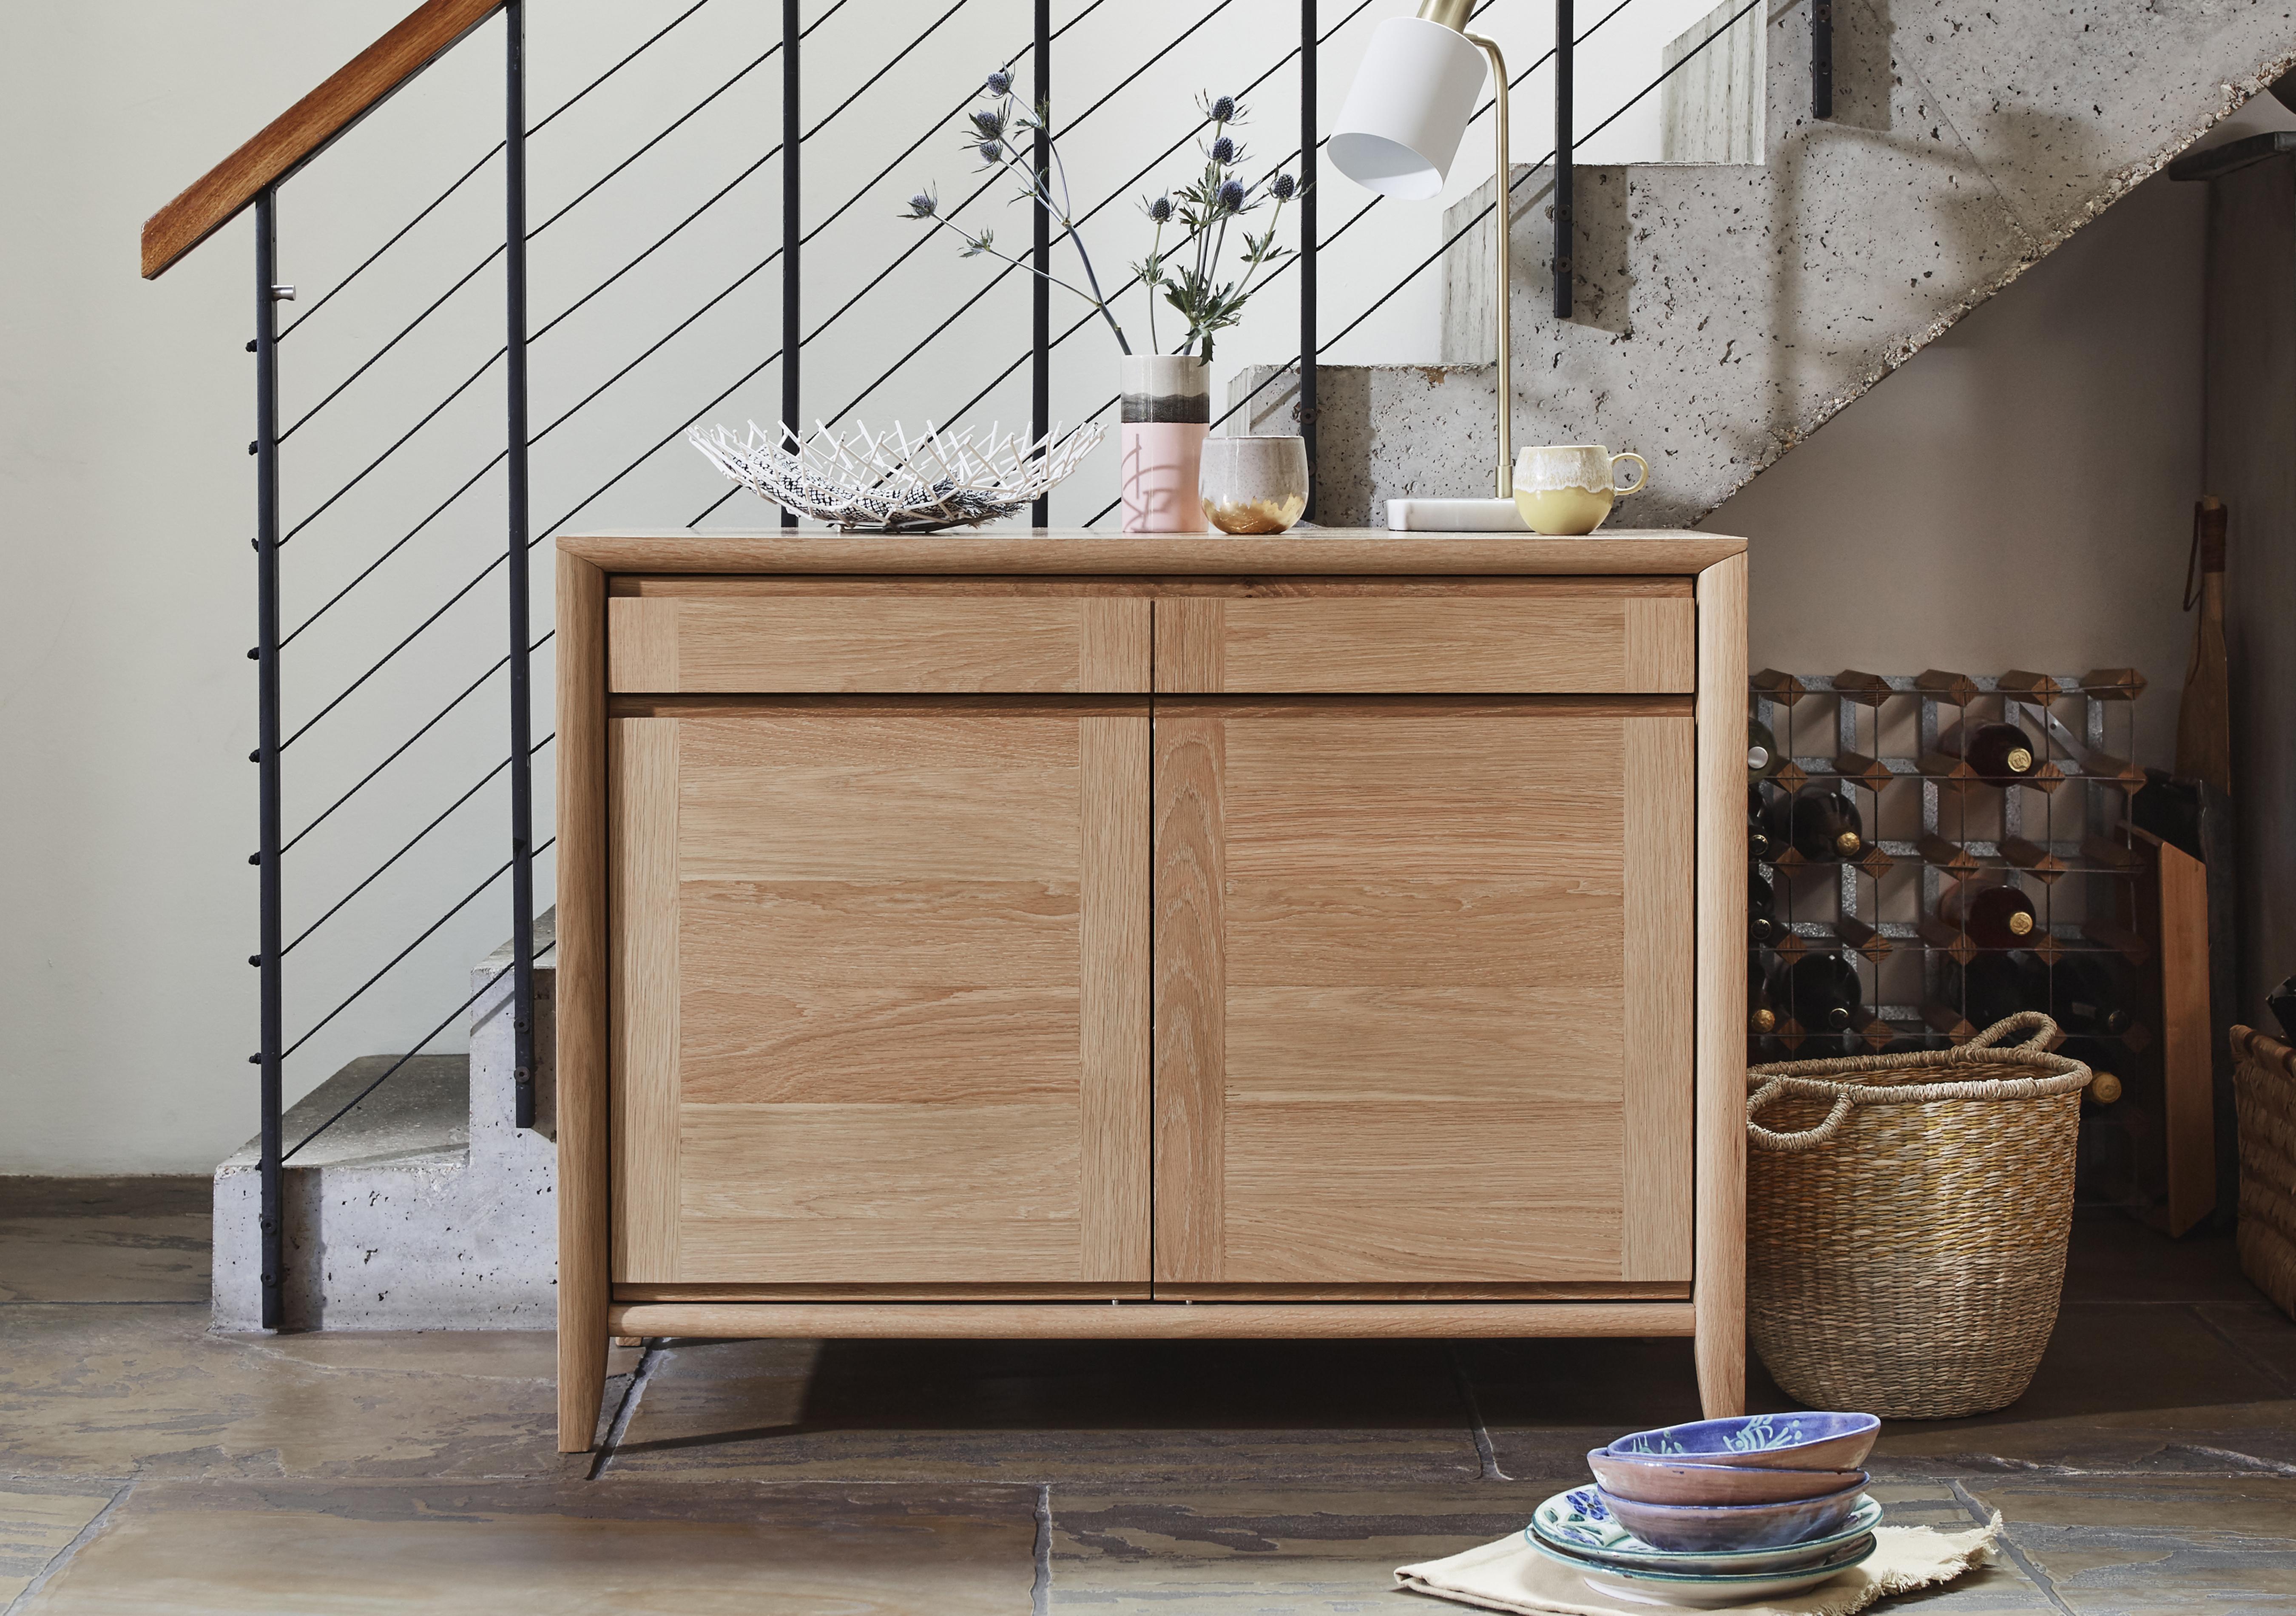 Scandinavian Style Furniture At Furniture Village Furniture Village